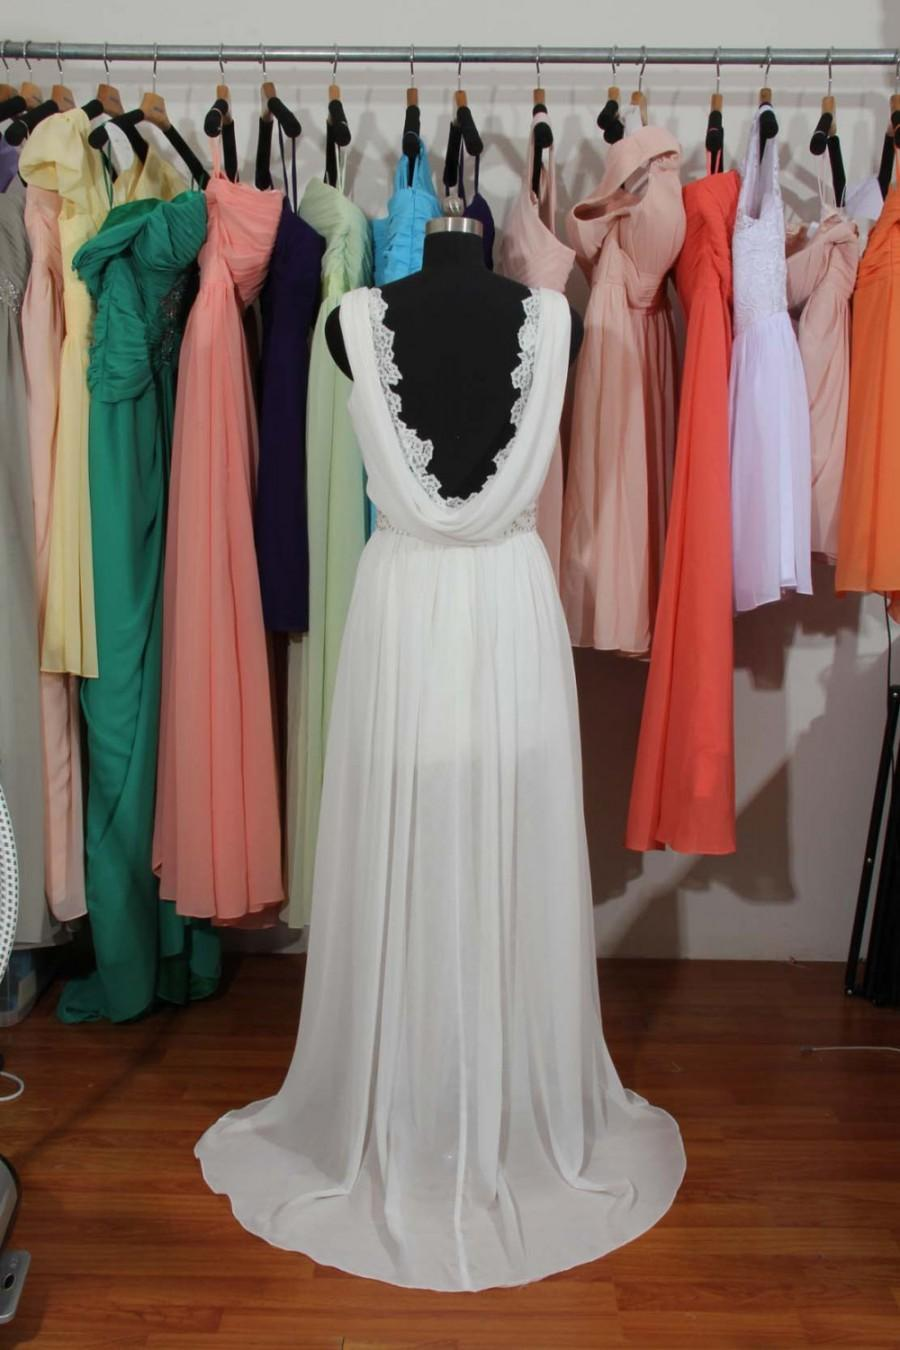 Wedding - V-neck Lace Chiffon Wedding Dress With Slit, Backless Elegant Ivory Custom Made Bridal Wedding Dress, Beading Wedding Dress